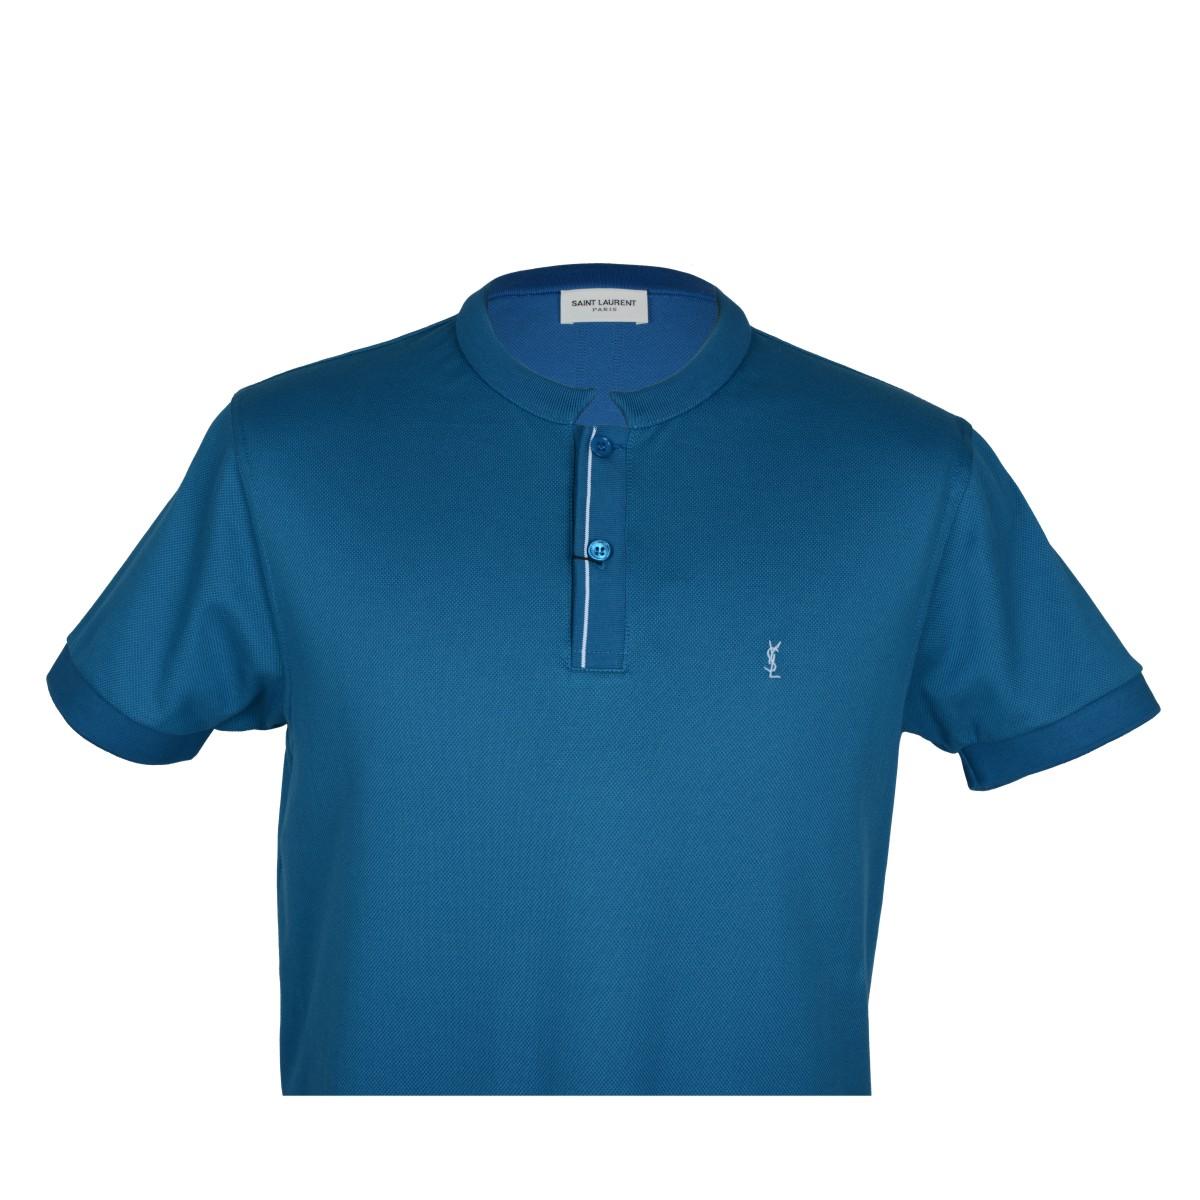 saint laurent/圣罗兰 男士polo 蓝色全棉圆领两粒扣前襟短袖男士t恤